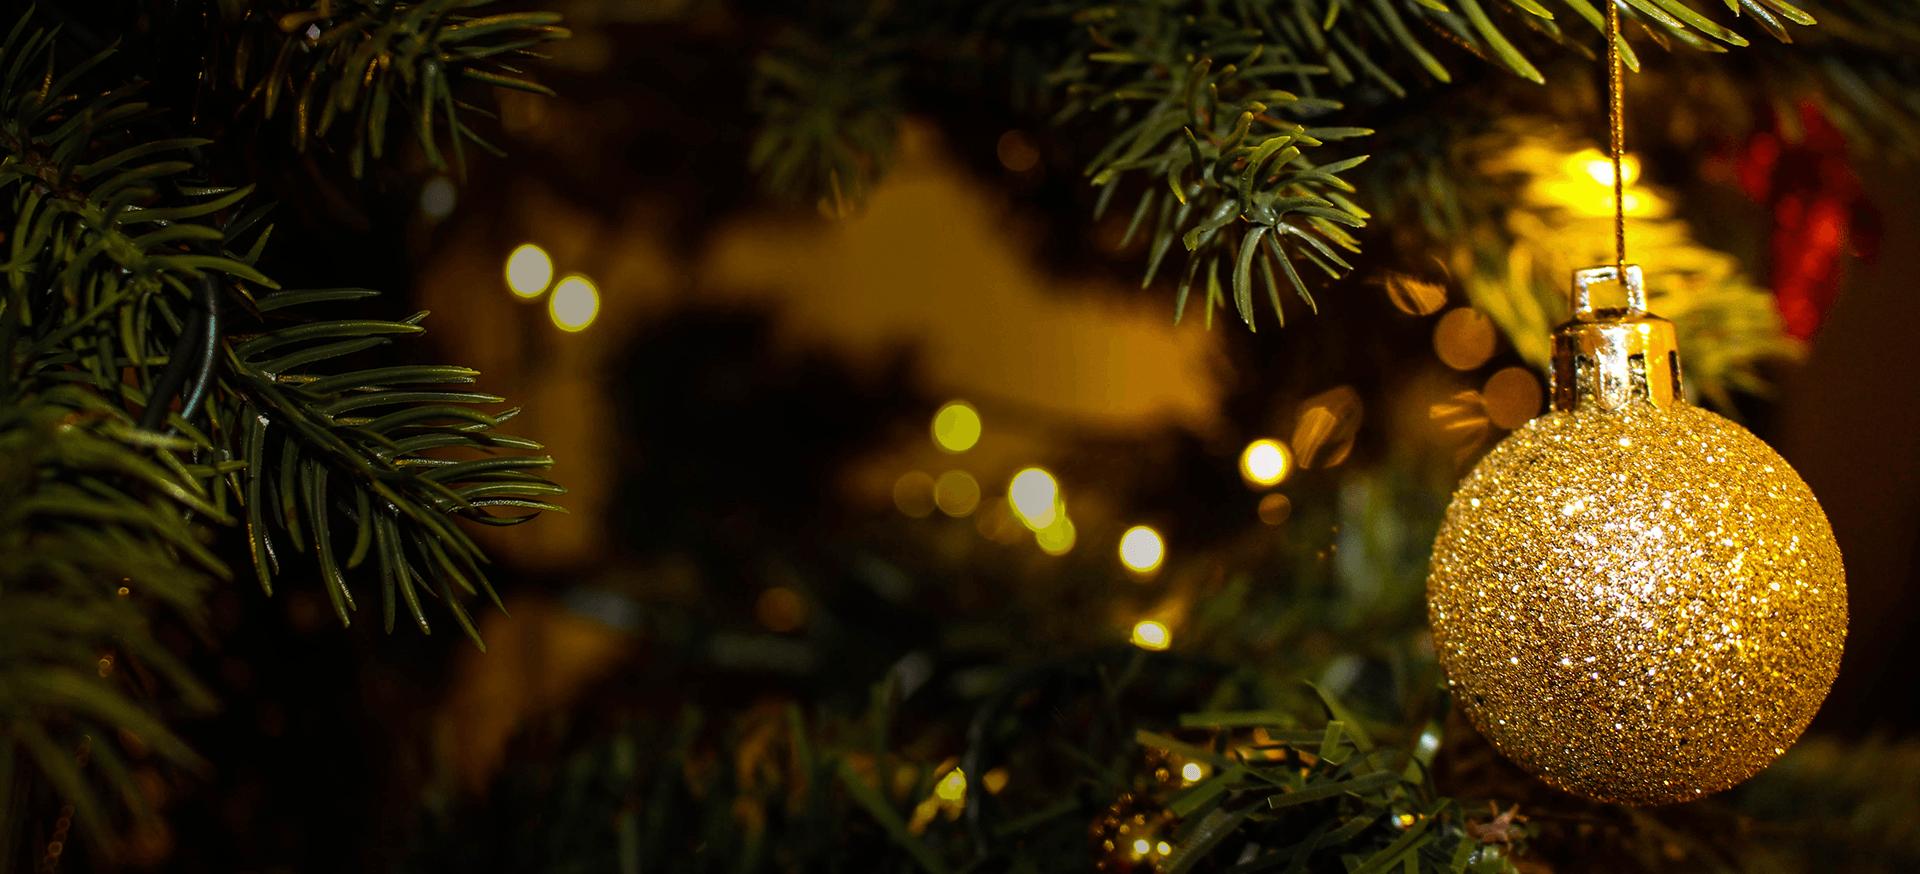 Microbe Christmas